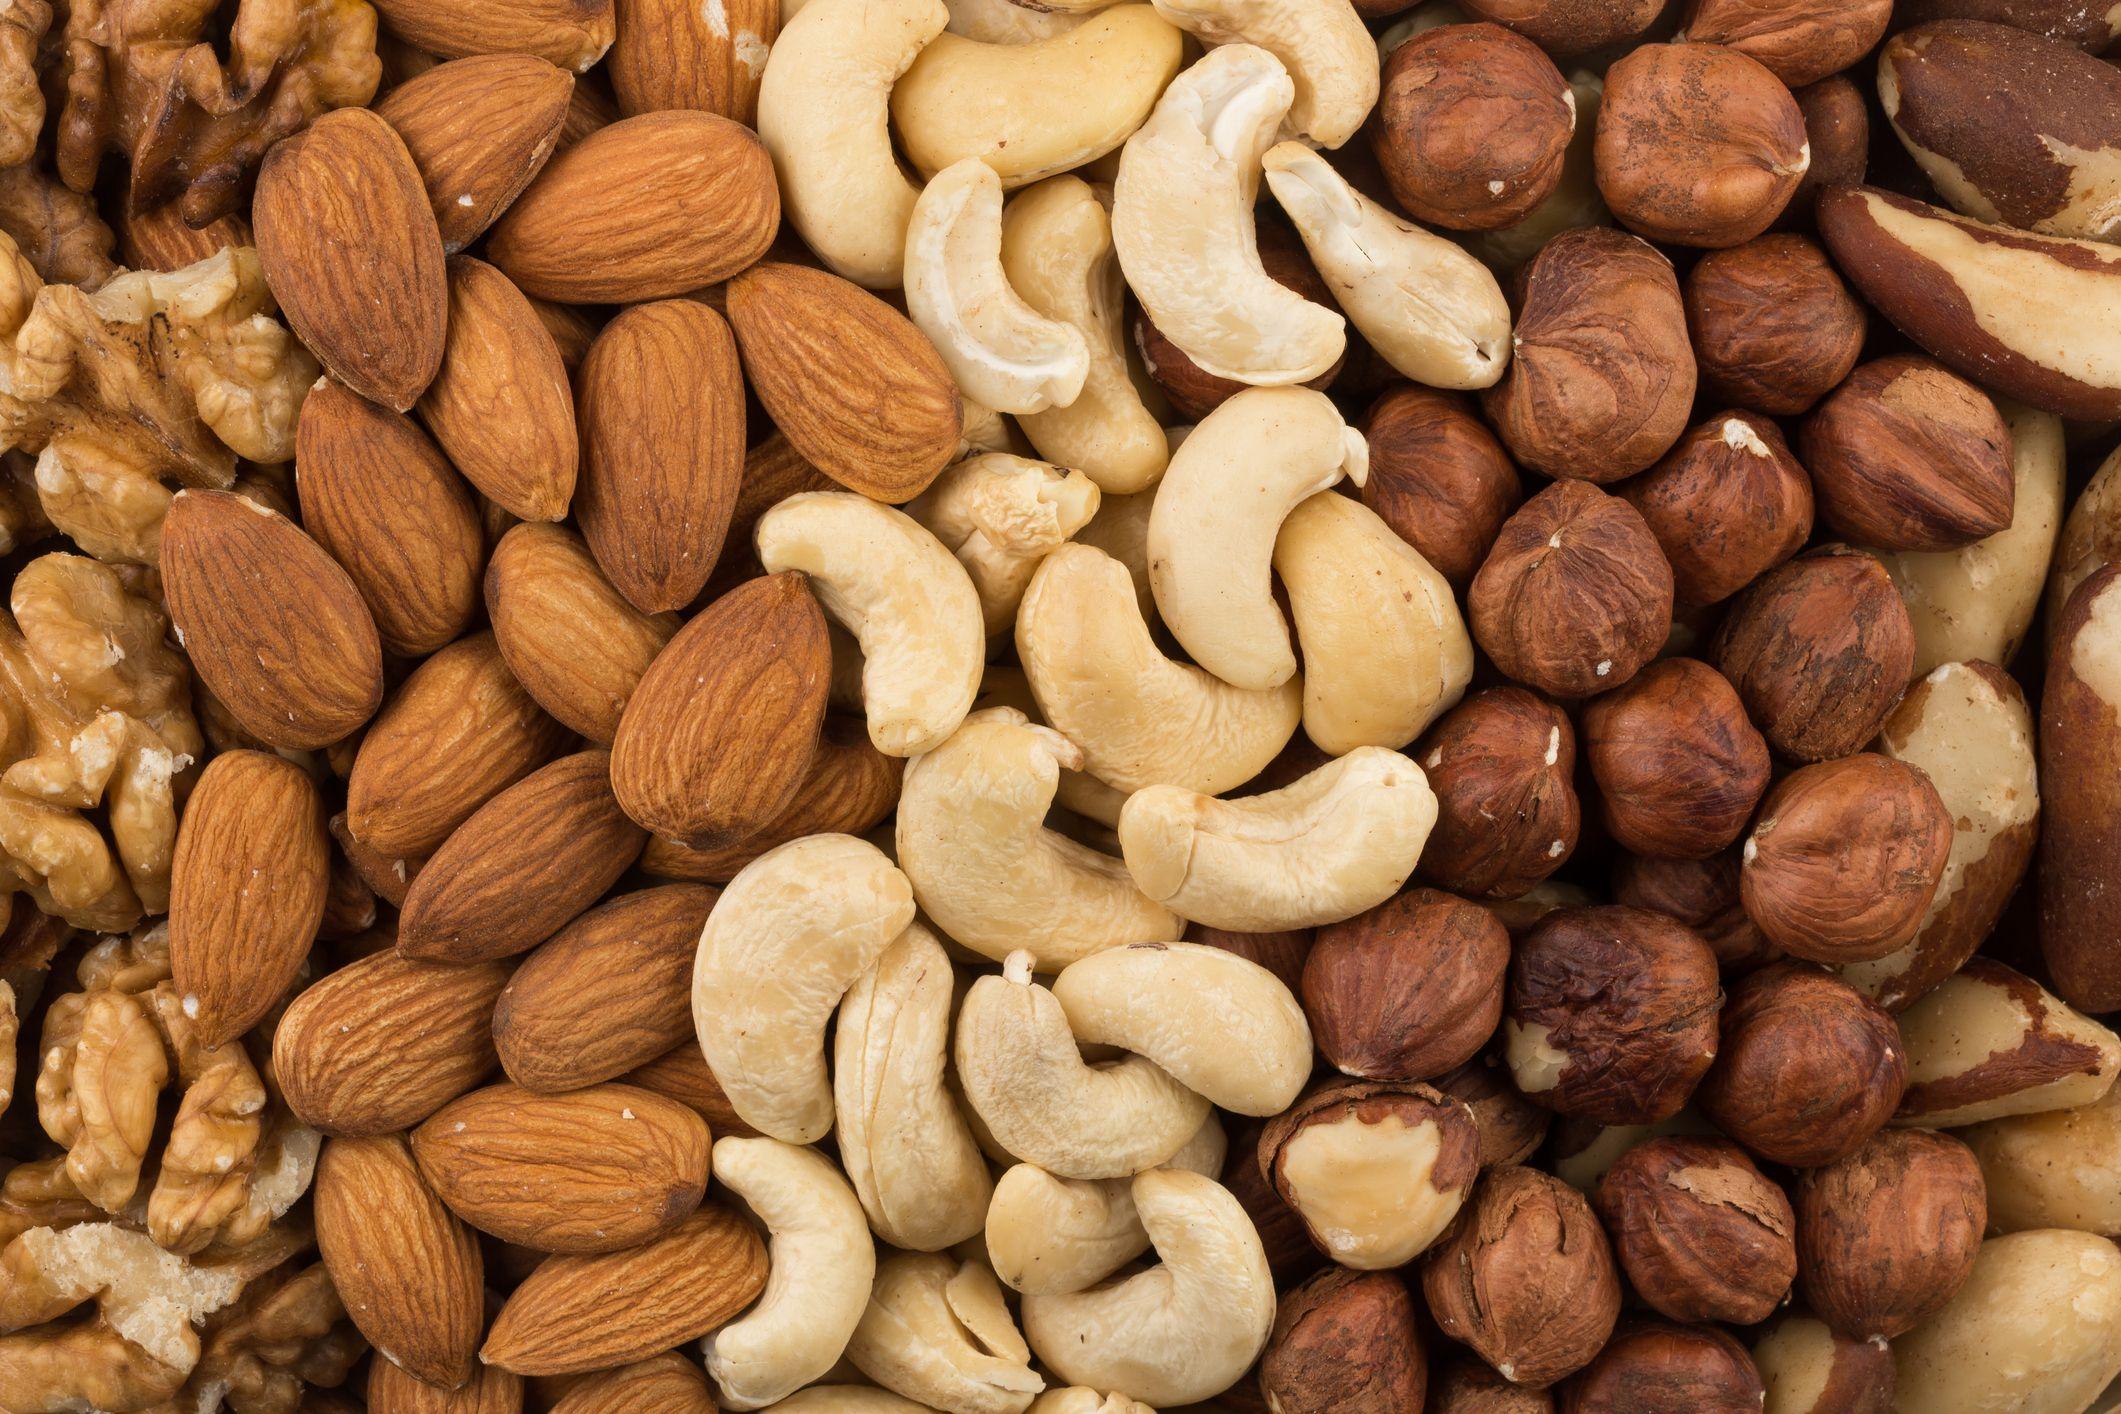 cuales son los mejores frutos secos para la salud